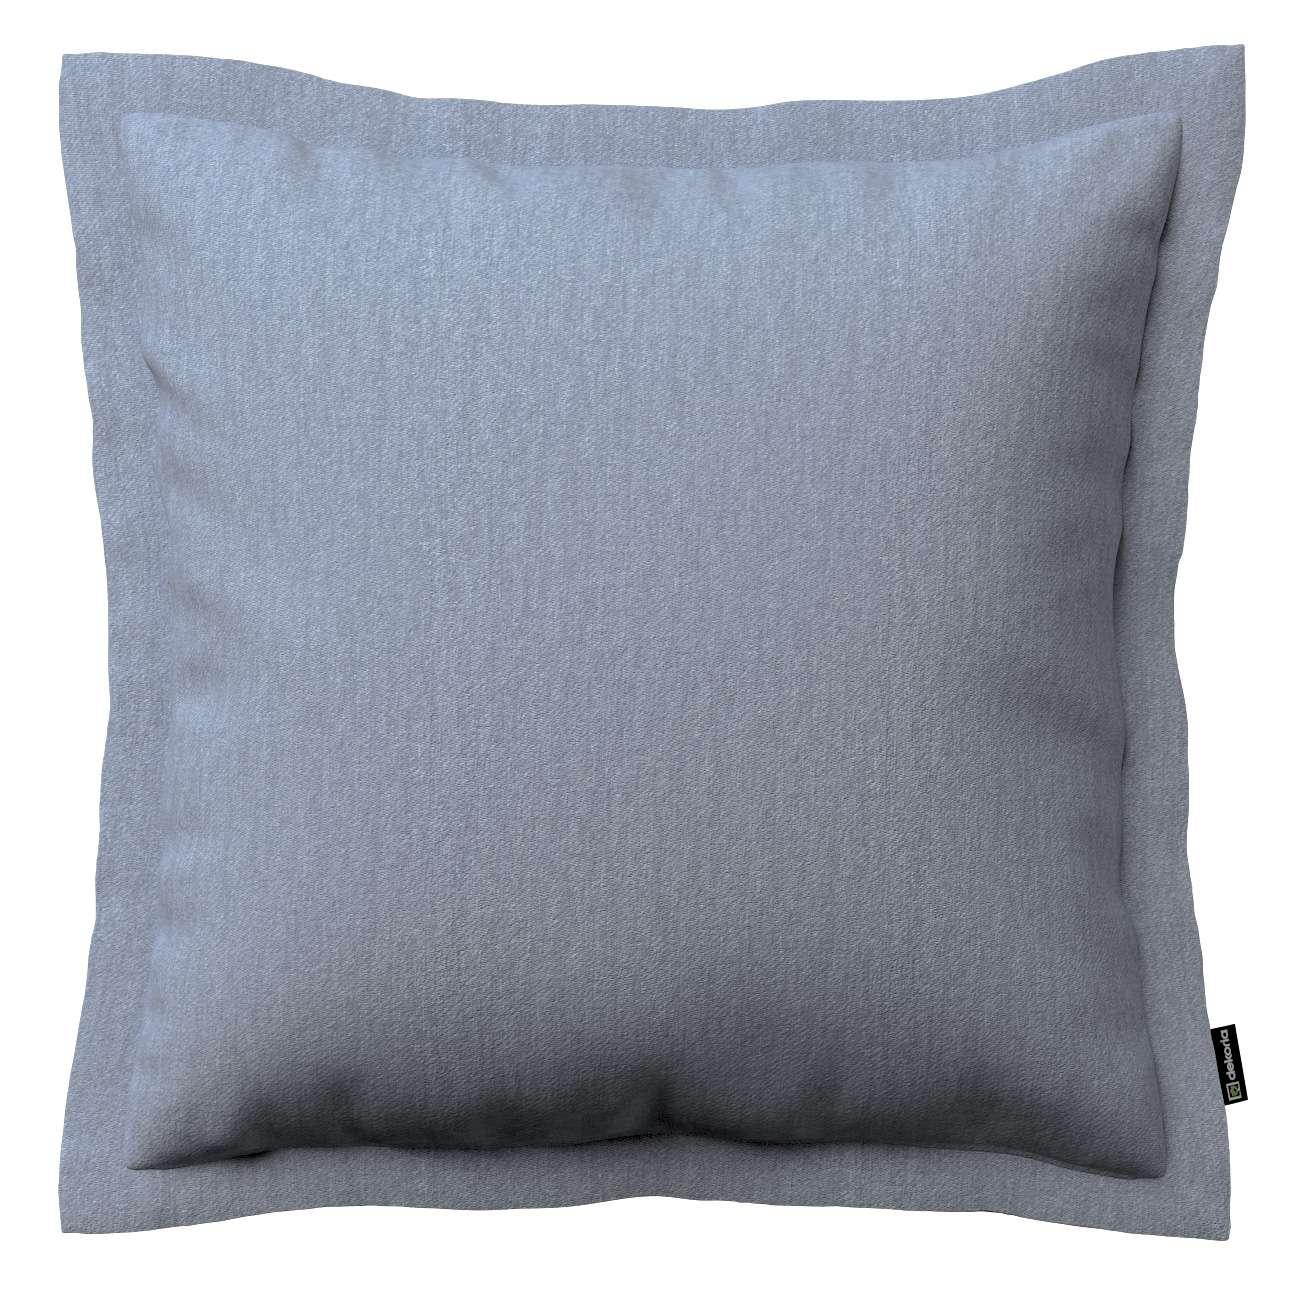 Poszewka Mona na poduszkę 45x45 cm w kolekcji Chenille, tkanina: 702-13